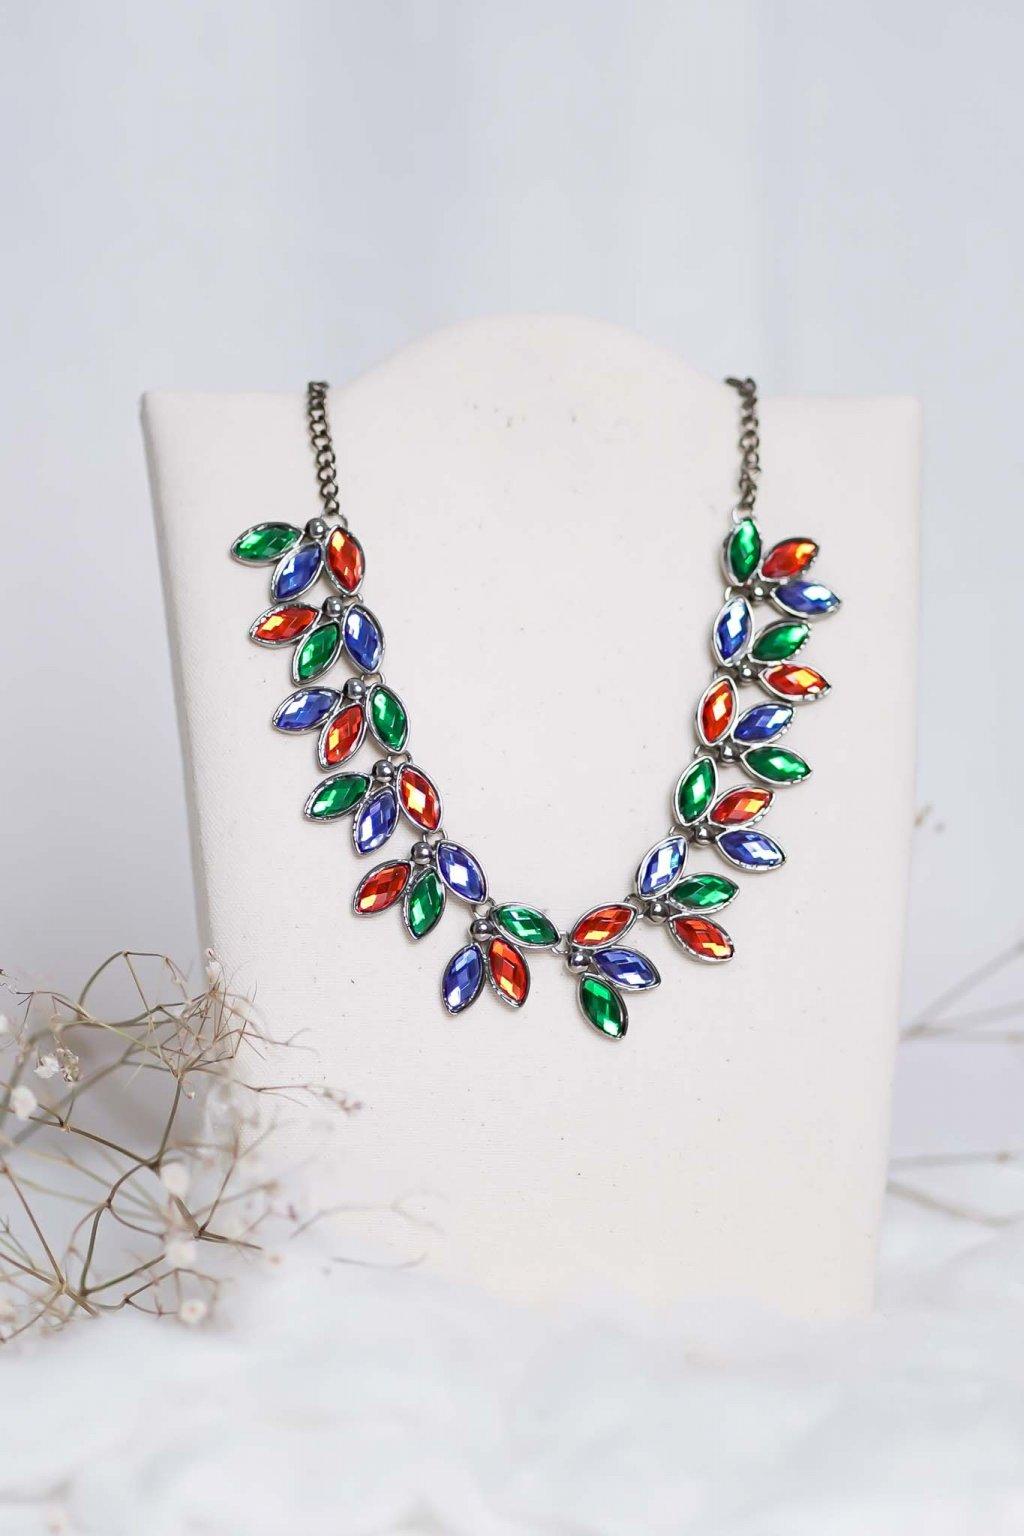 náhrdelník, spoločenský, bežný deň, kamienkový, farebný, čierny, strieborný, zelený, cyklamenévy, náhrdelník, bižuteria, šperk, šperky, ples, stužková, svadba, 024